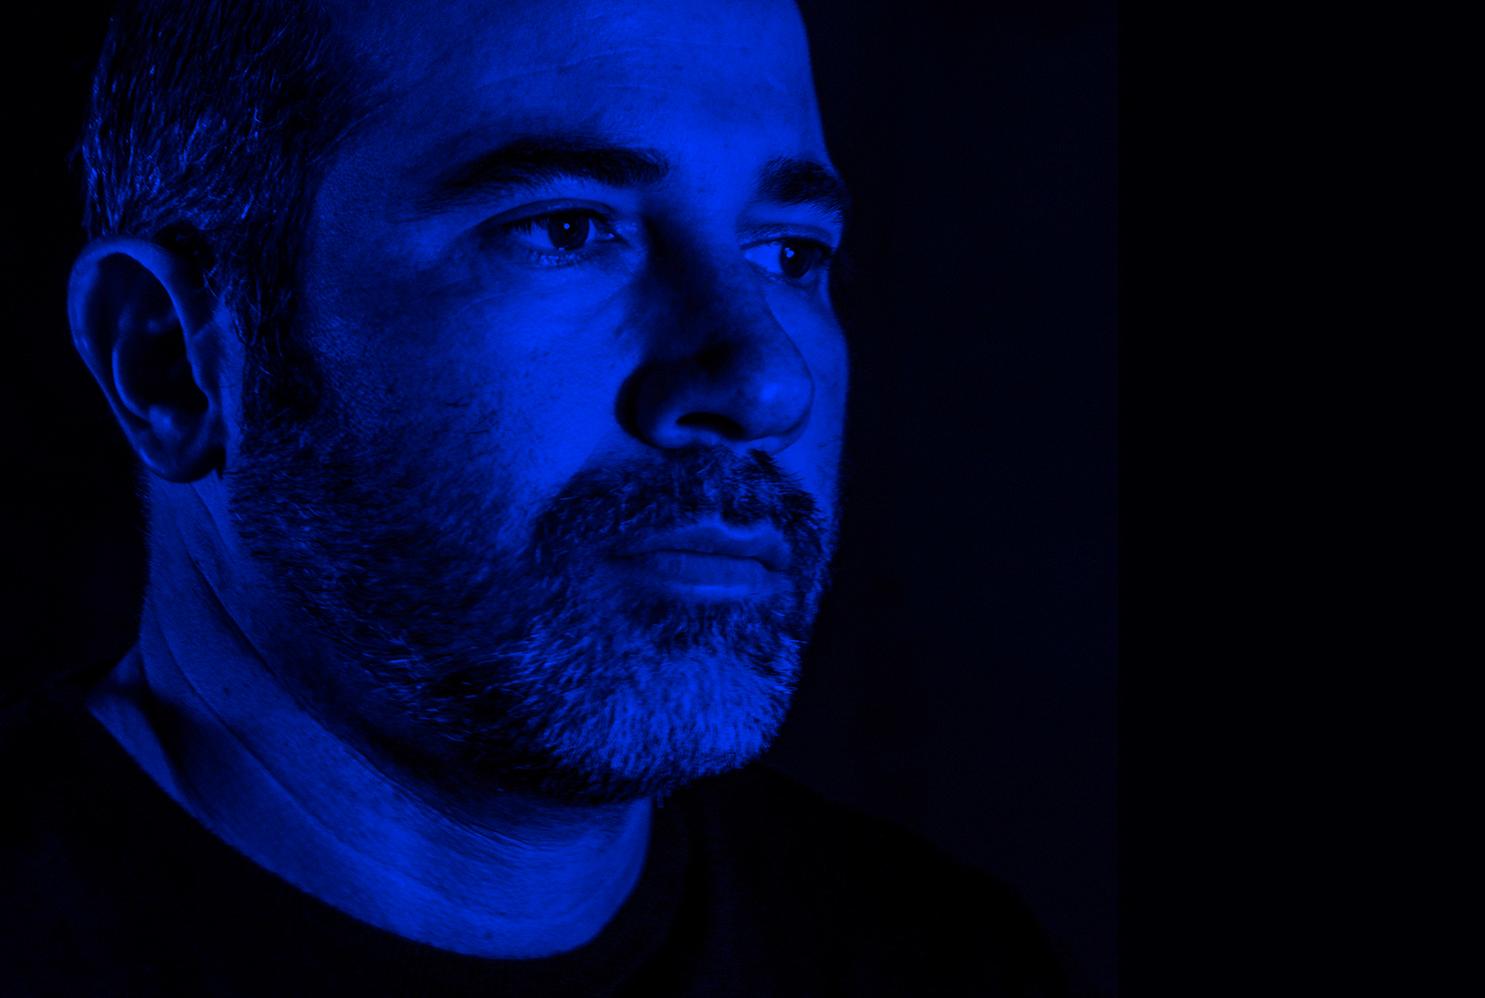 Illupage-Patrick-Heusi-About_neu_blau.jpg